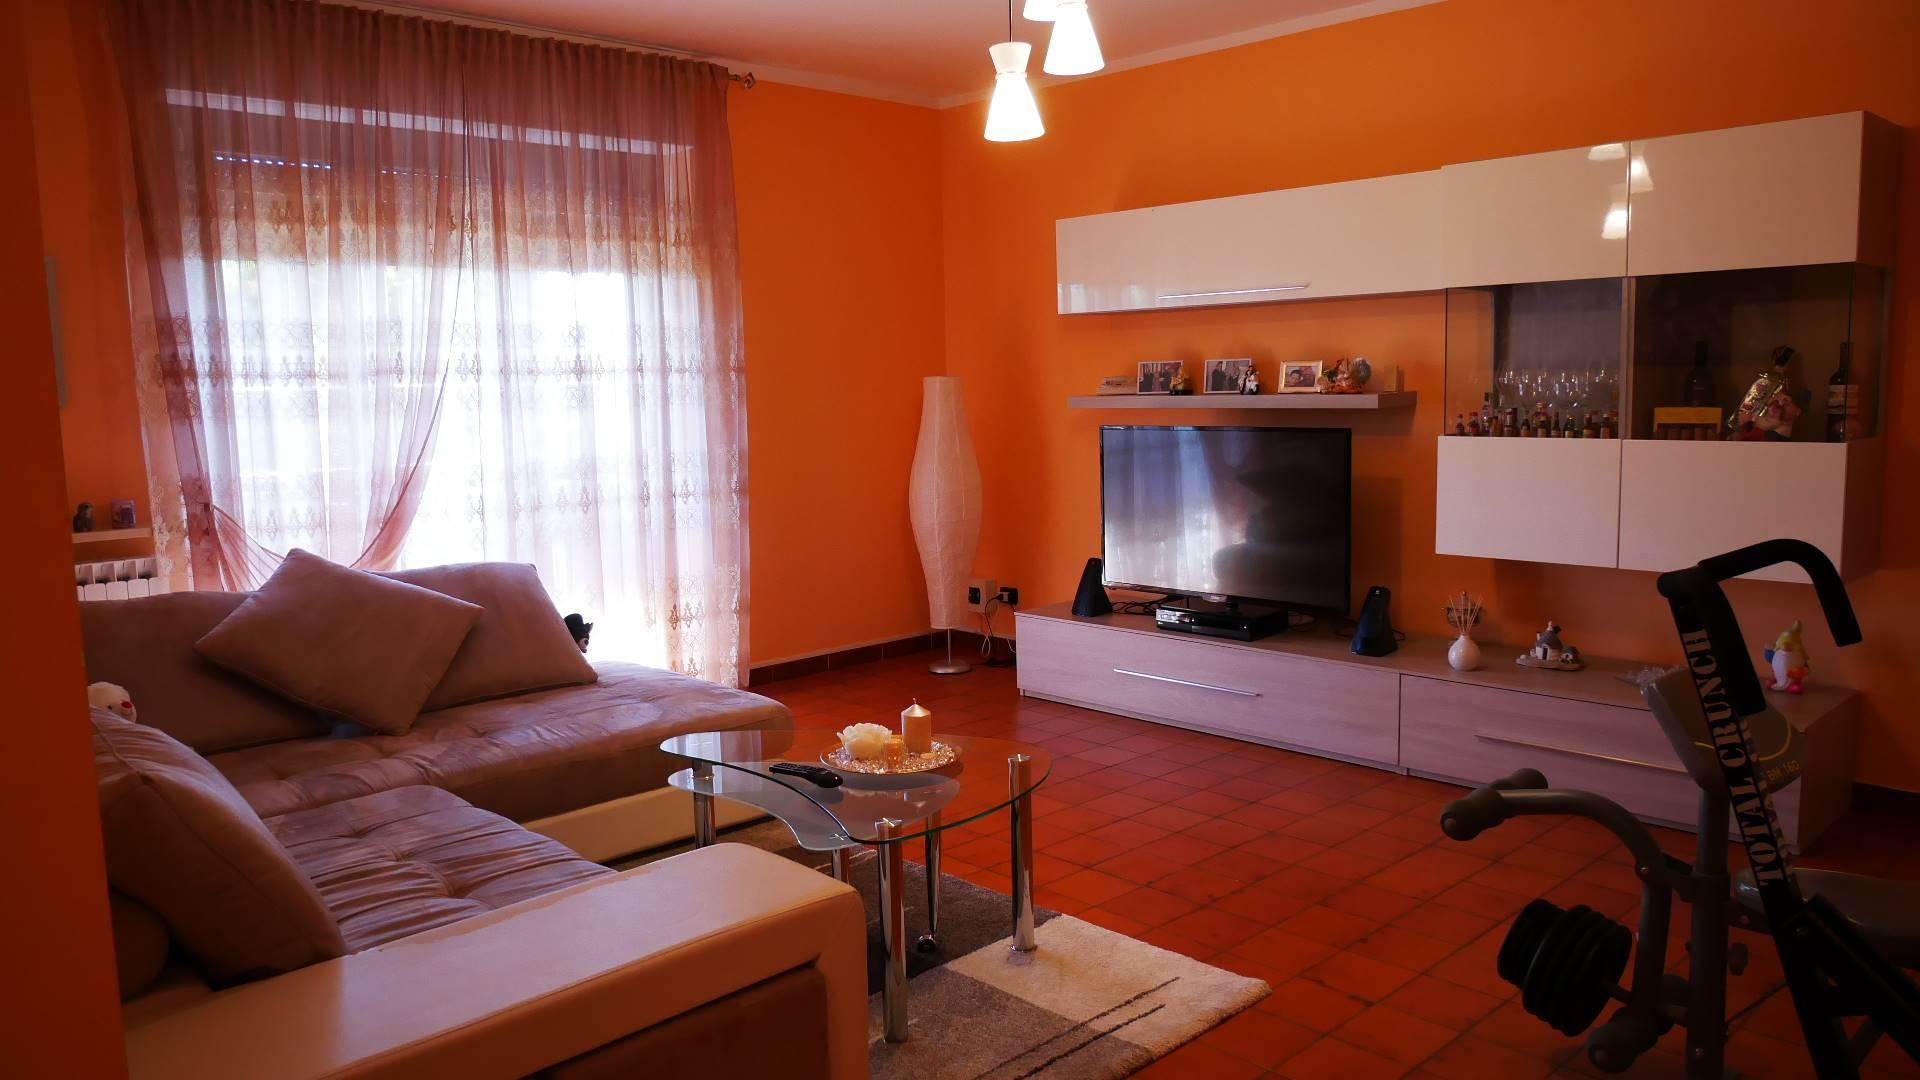 Appartamento in vendita a Bosco Marengo, 4 locali, prezzo € 99.000   CambioCasa.it